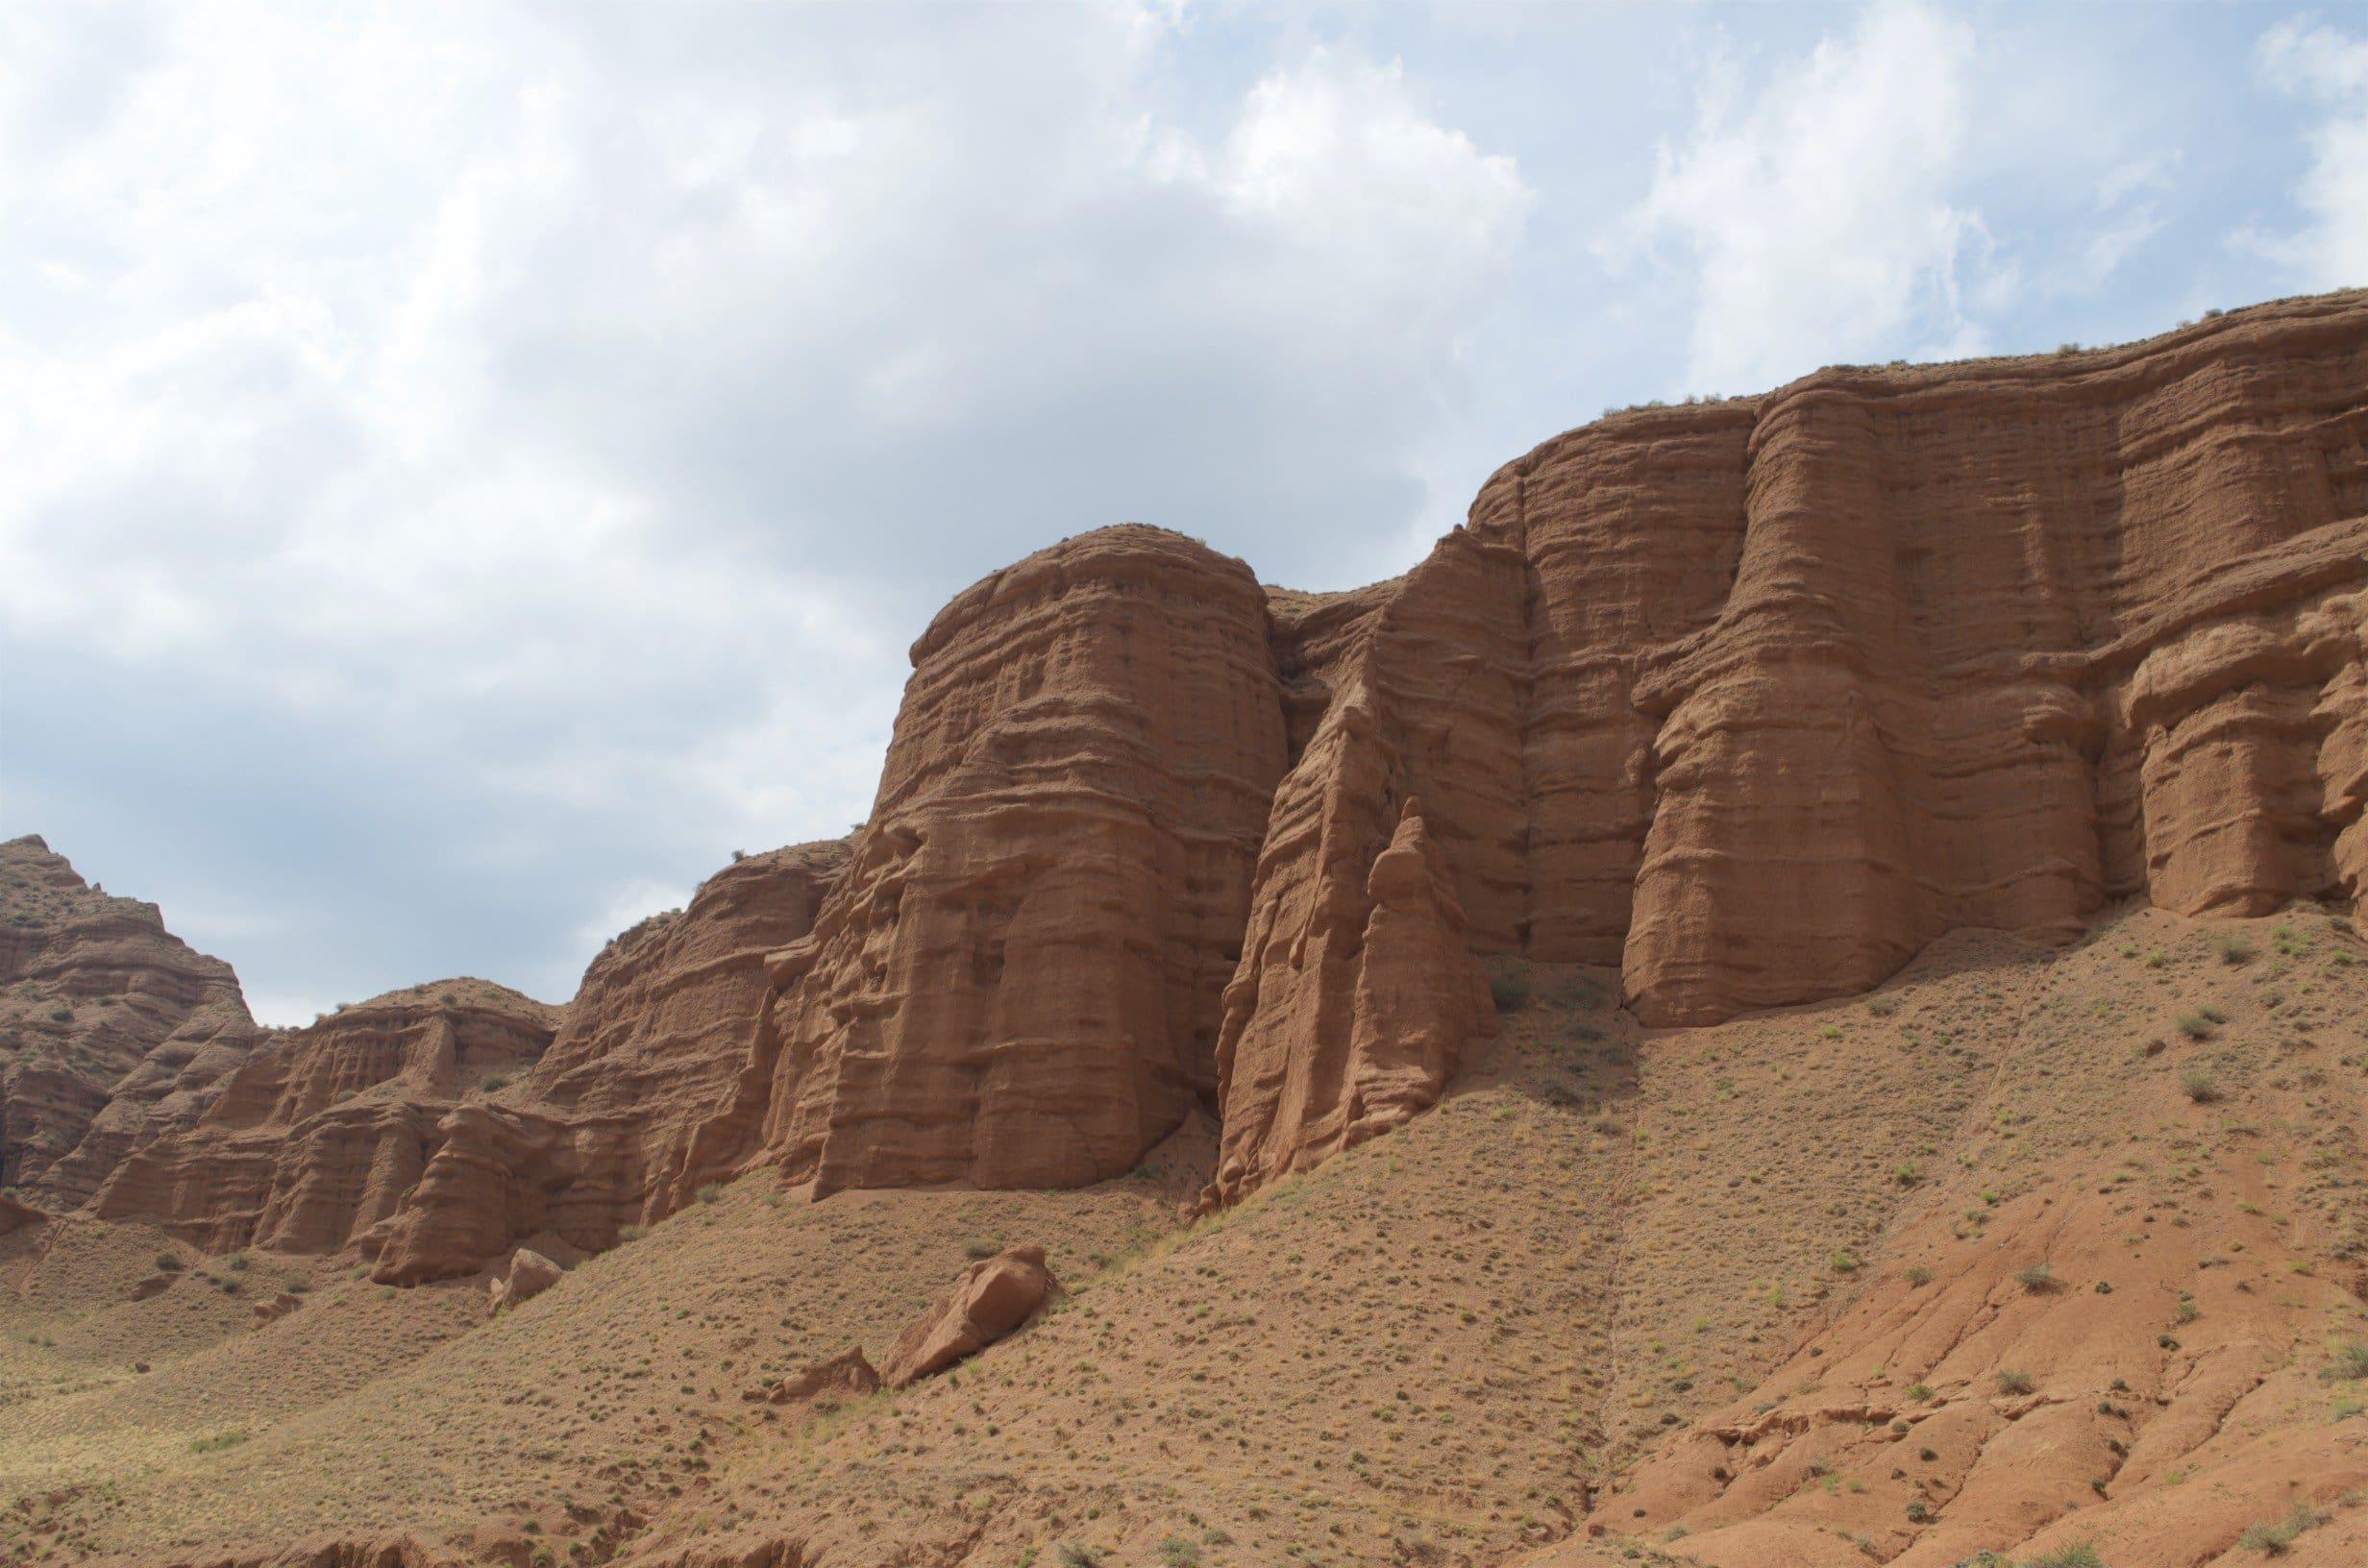 Sandstein in Schlucht von Komorchek Kirgisistan